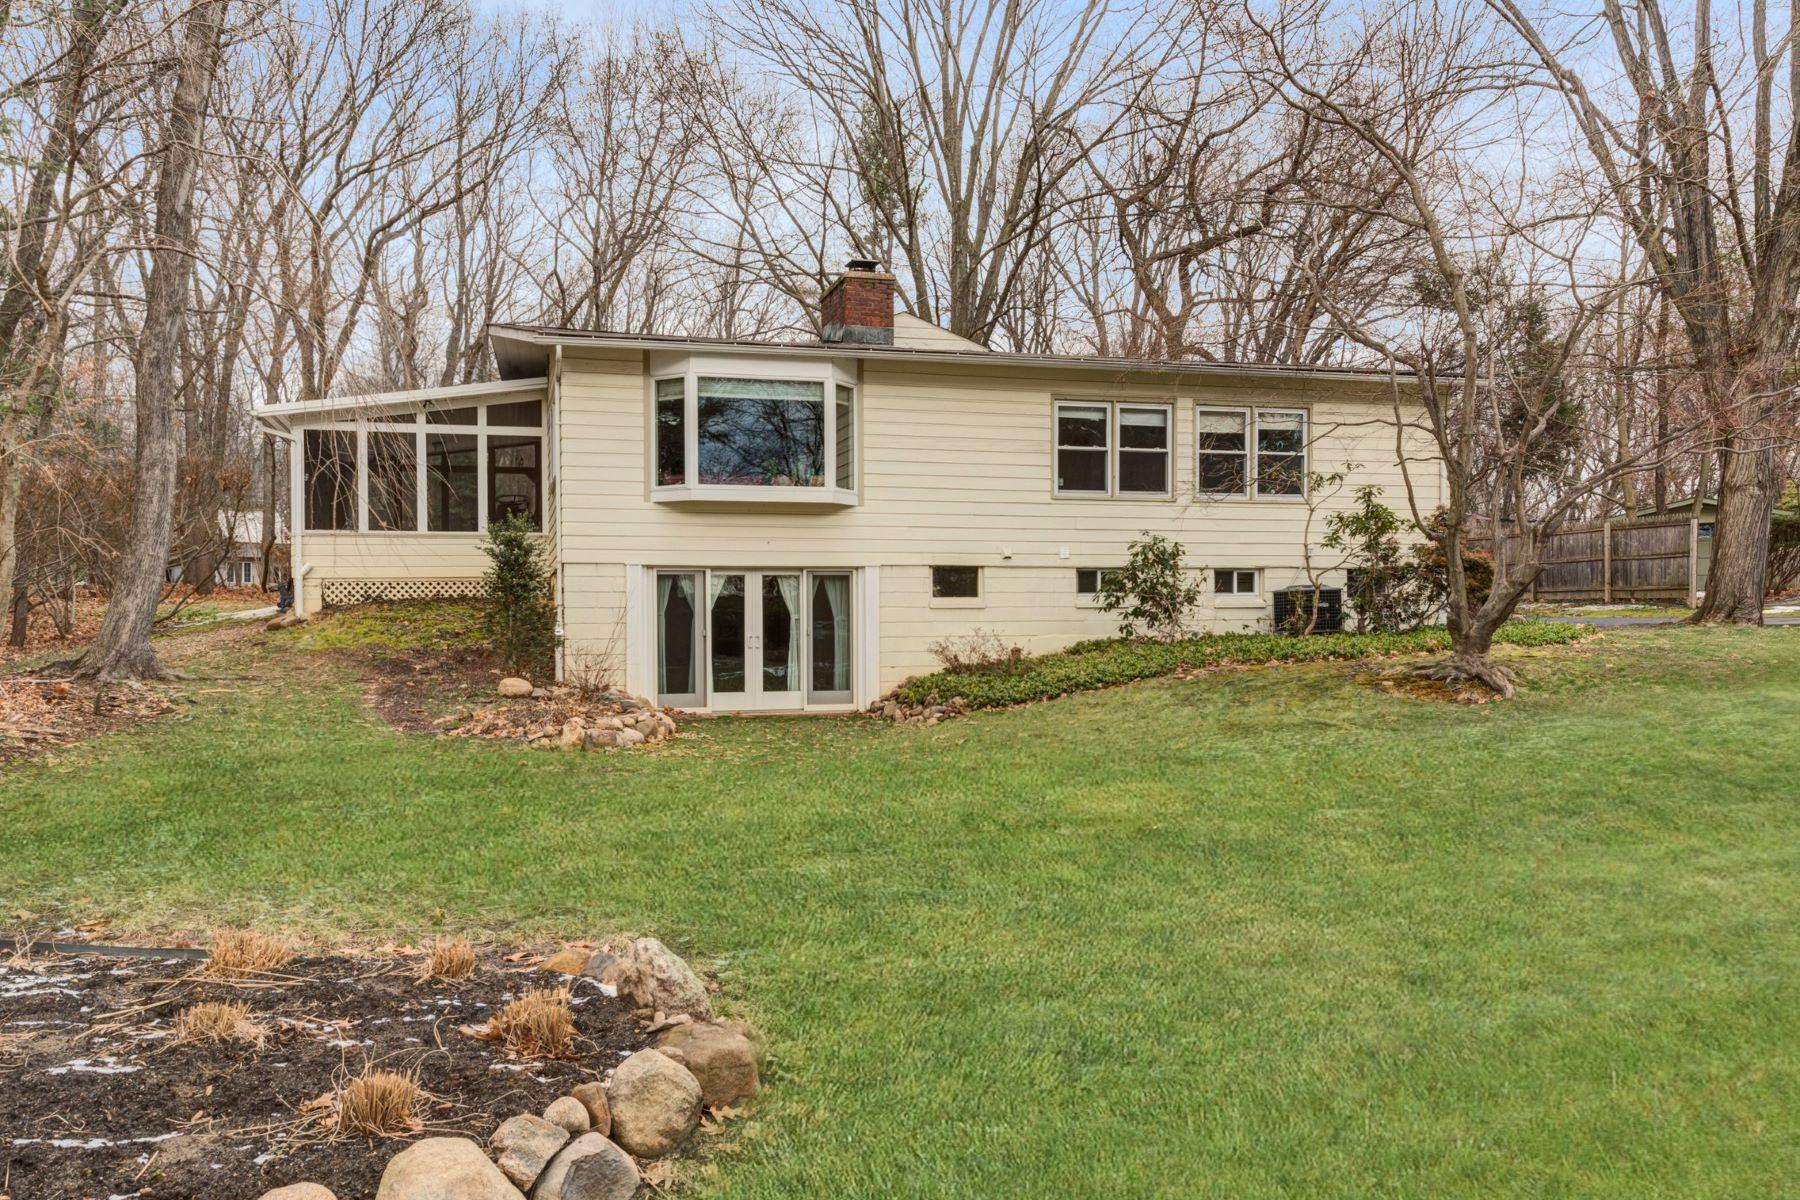 Maison unifamiliale pour l Vente à Mid-Century Modern Home 35 Hickory Hill Road Tappan, New York 10983 États-Unis